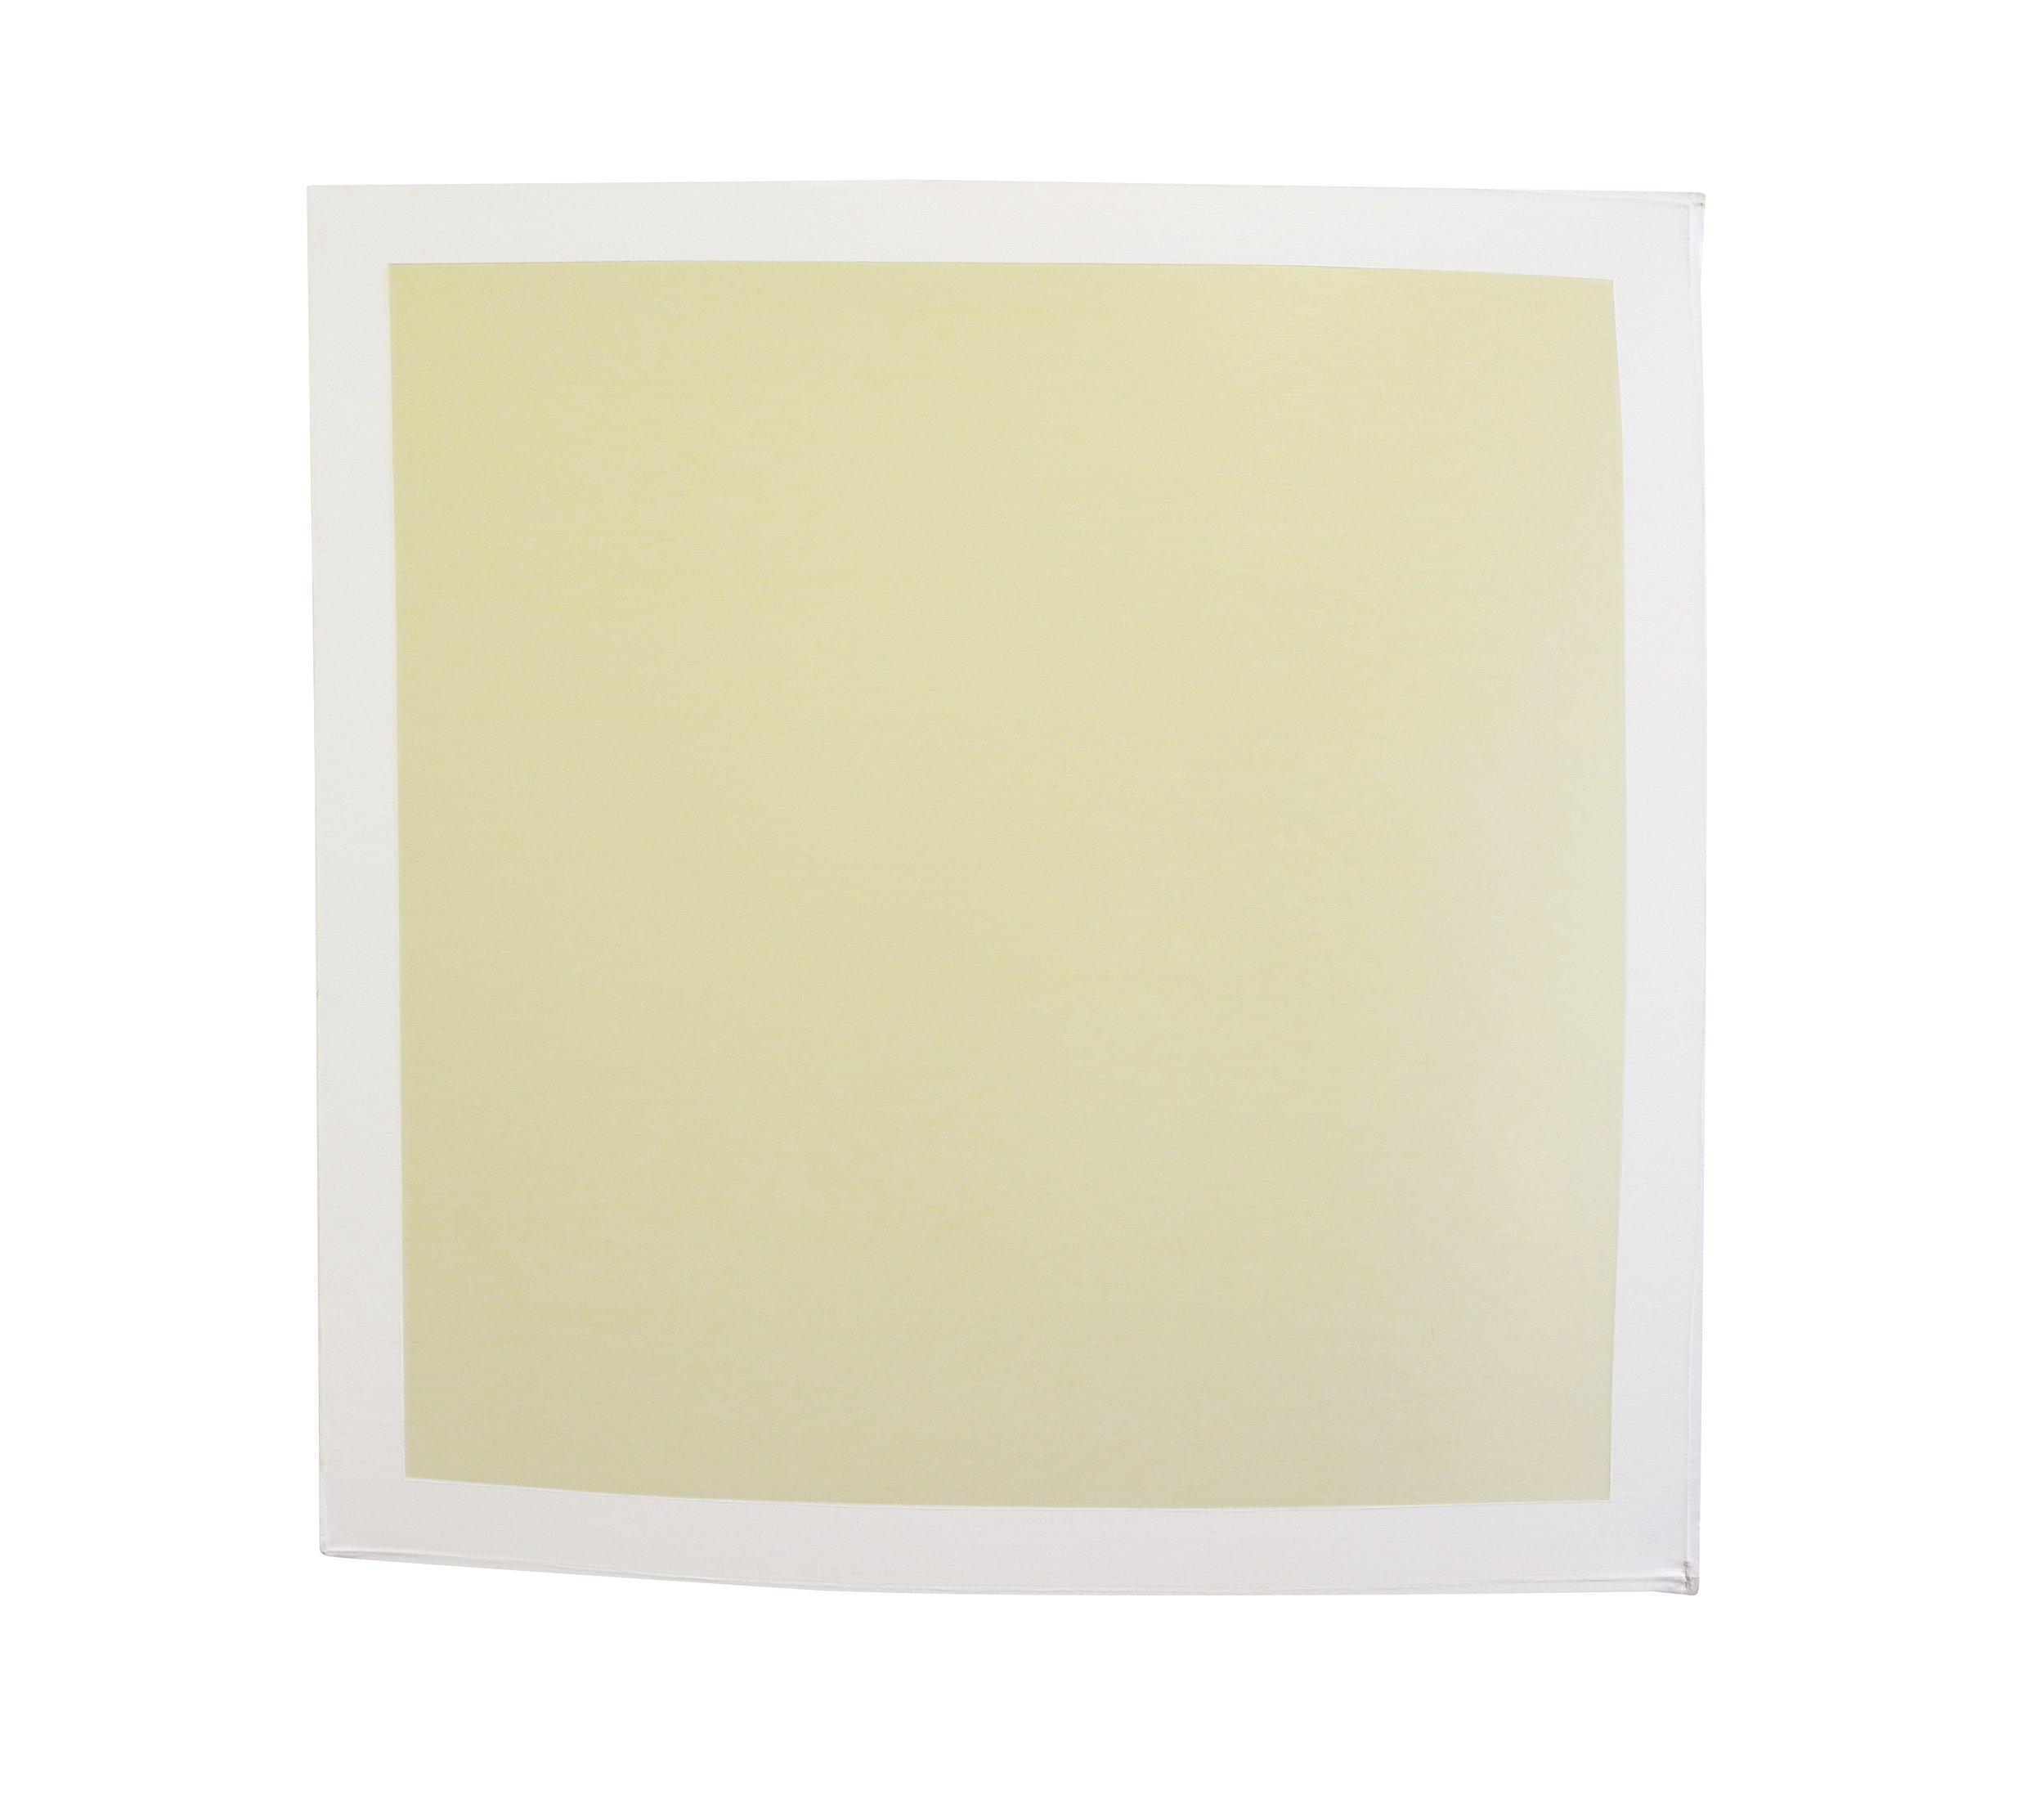 Lot 22: Angela de la Cruz - Tight (White/Cream)